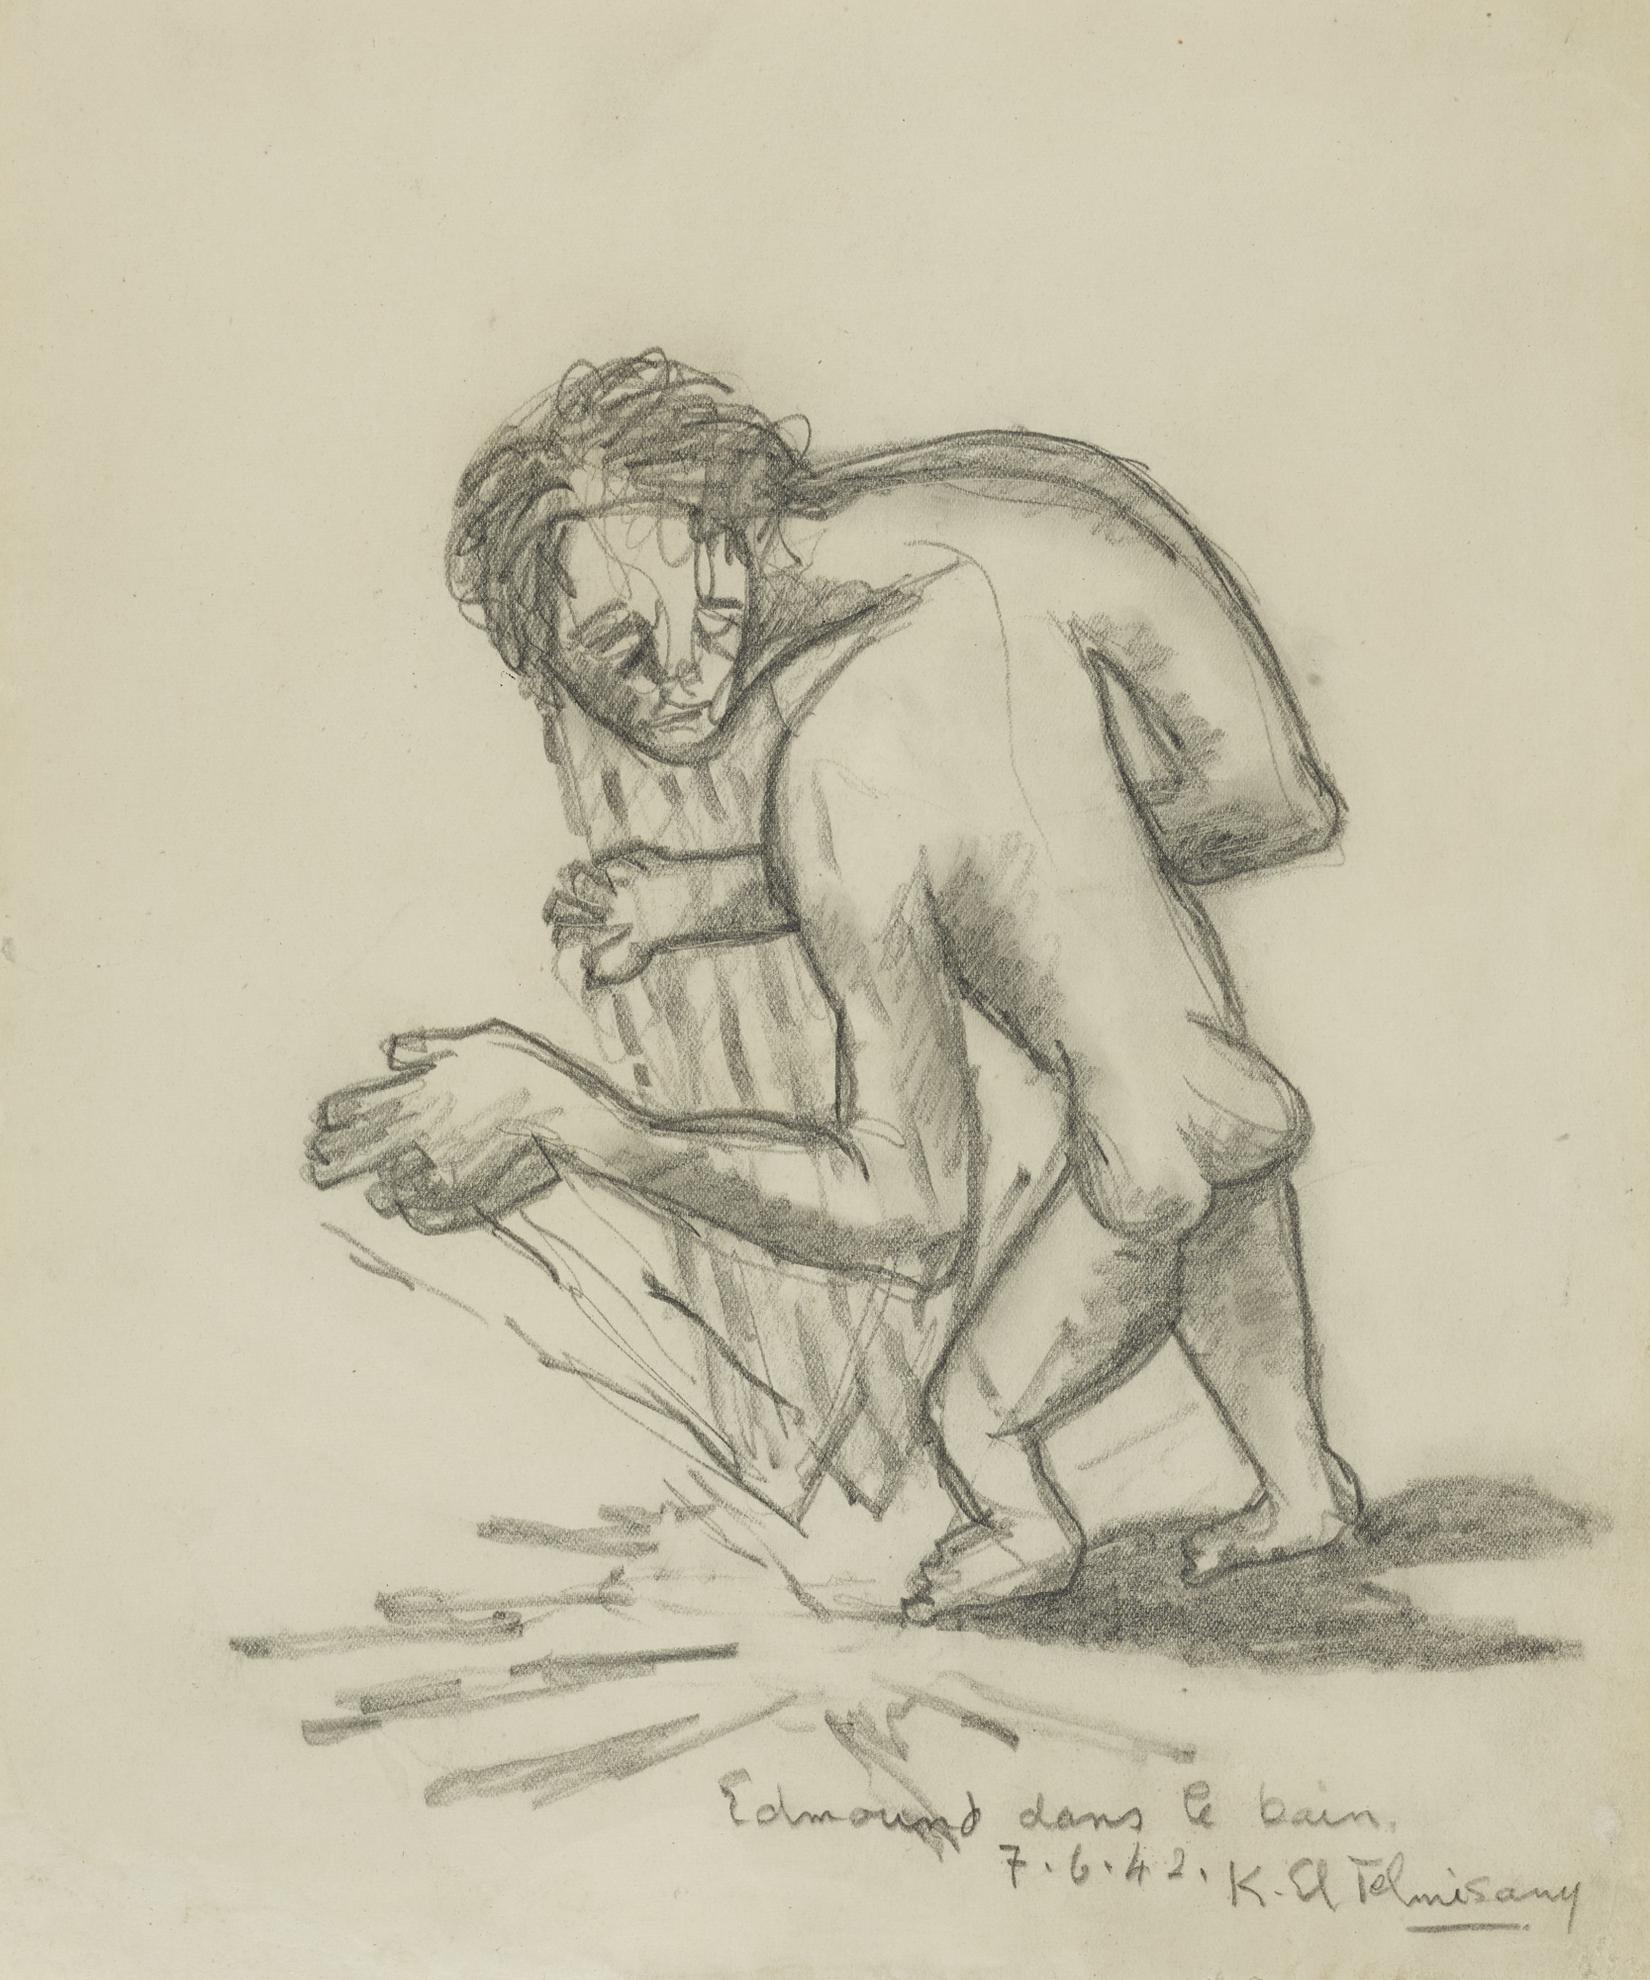 Kamel El Telmissany - Edmound Dans Le Bain-1942